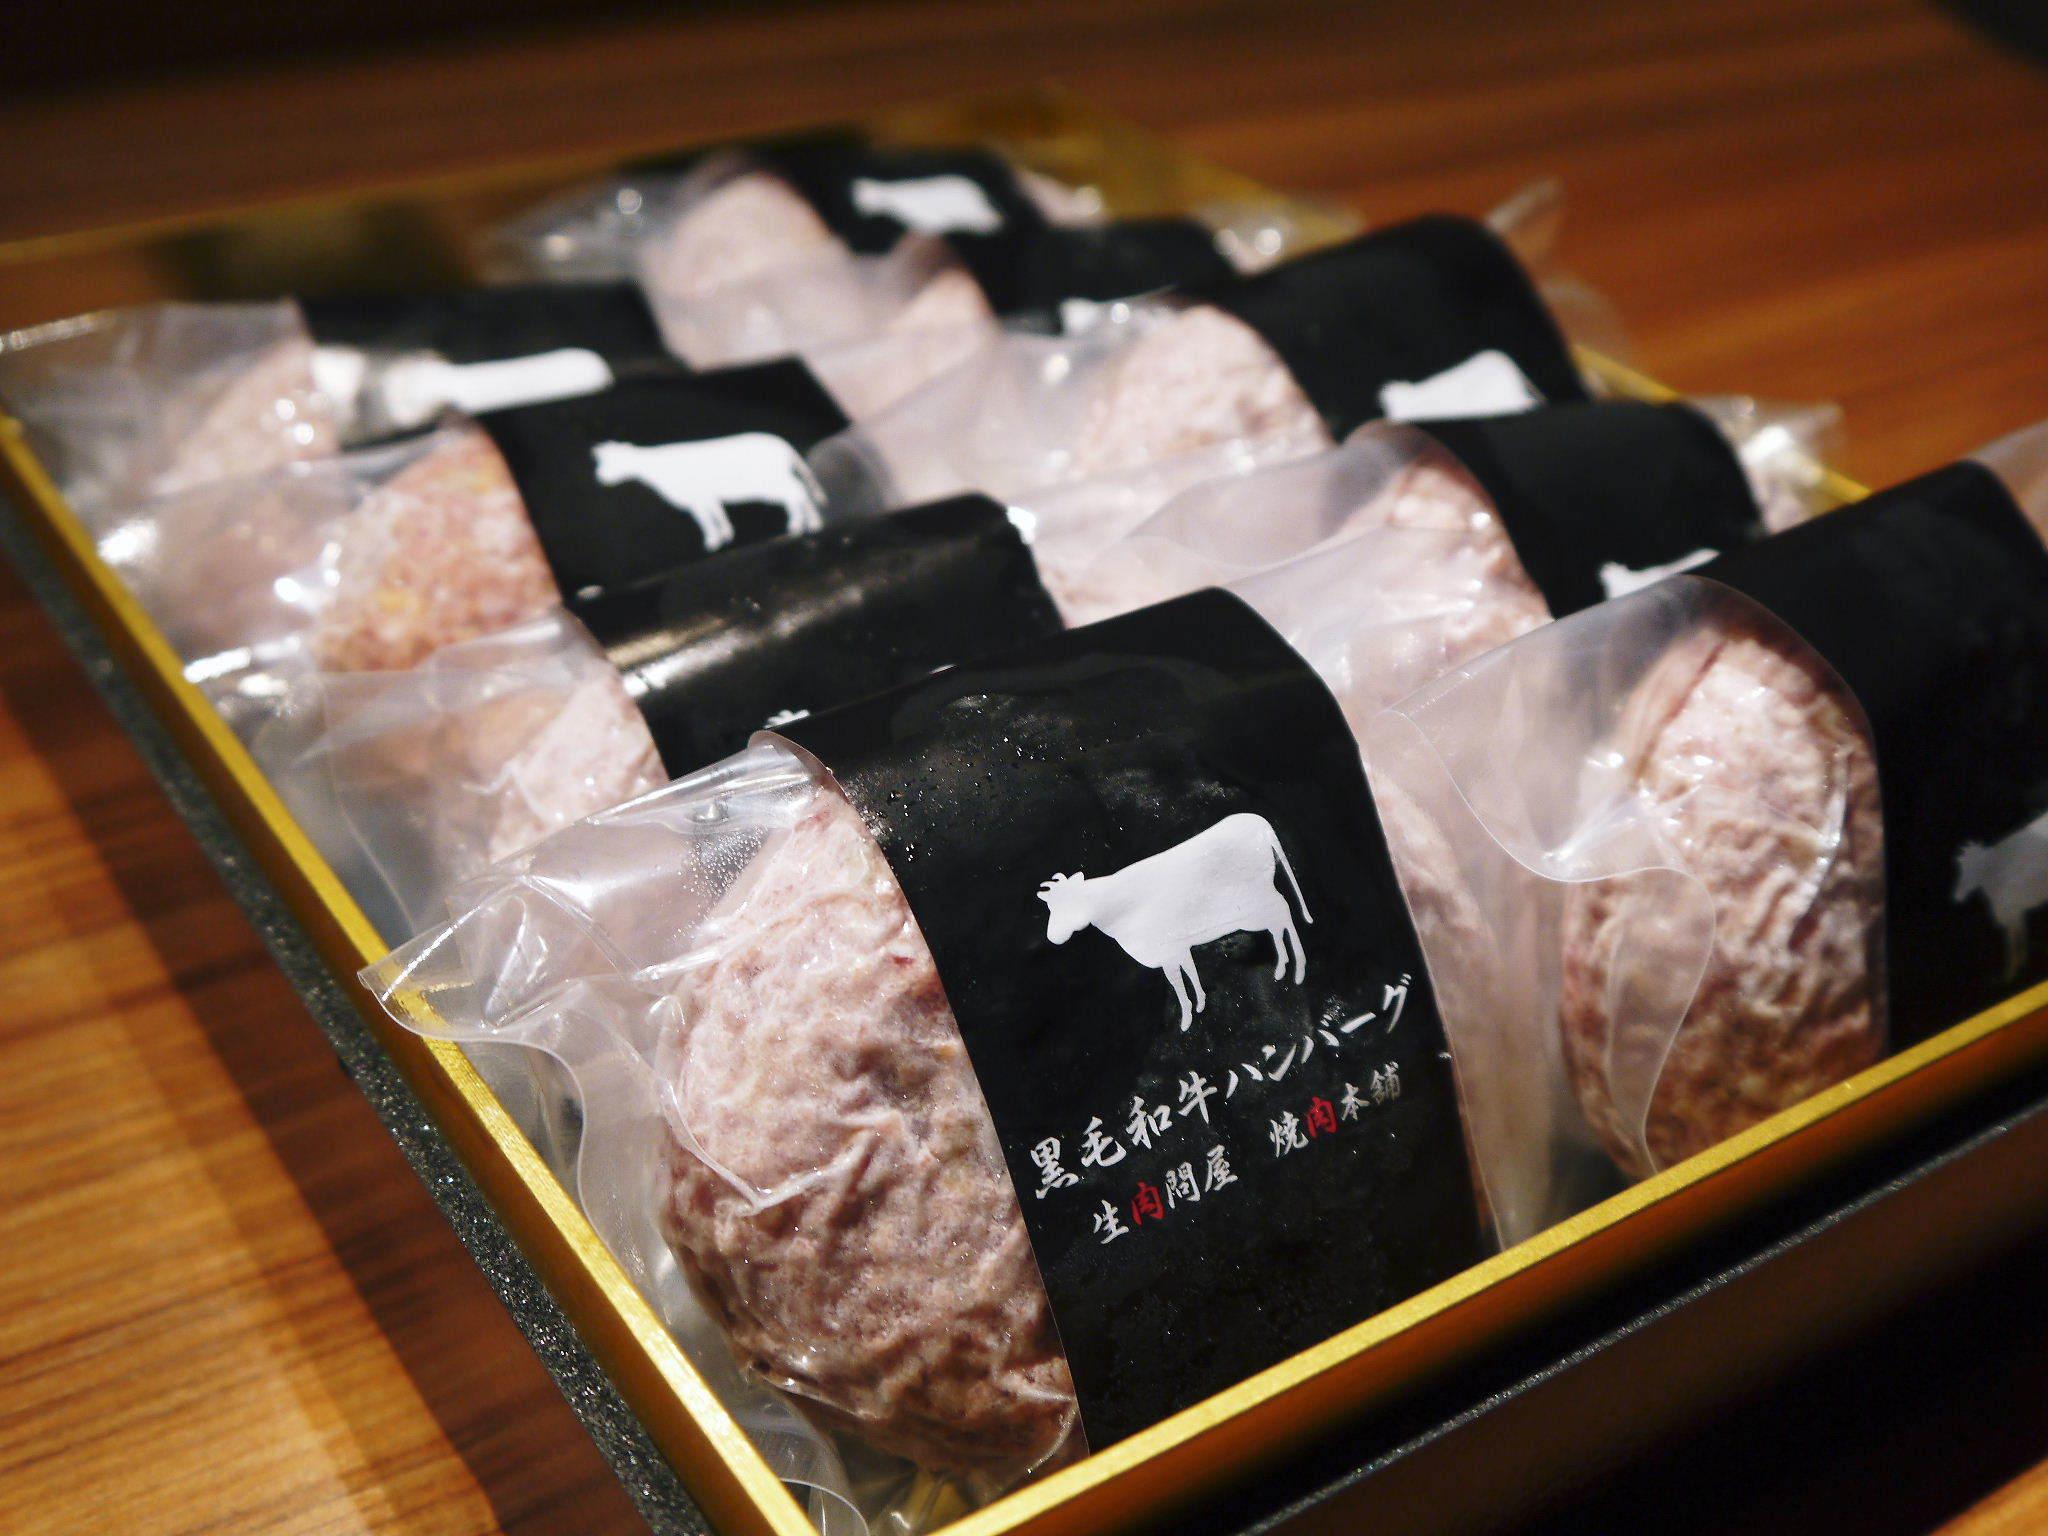 お待たせしました!熊本県産の黒毛和牛を100%のハンバーグステーキ!次回は8月20日(木)に出荷します!_a0254656_17572016.jpg